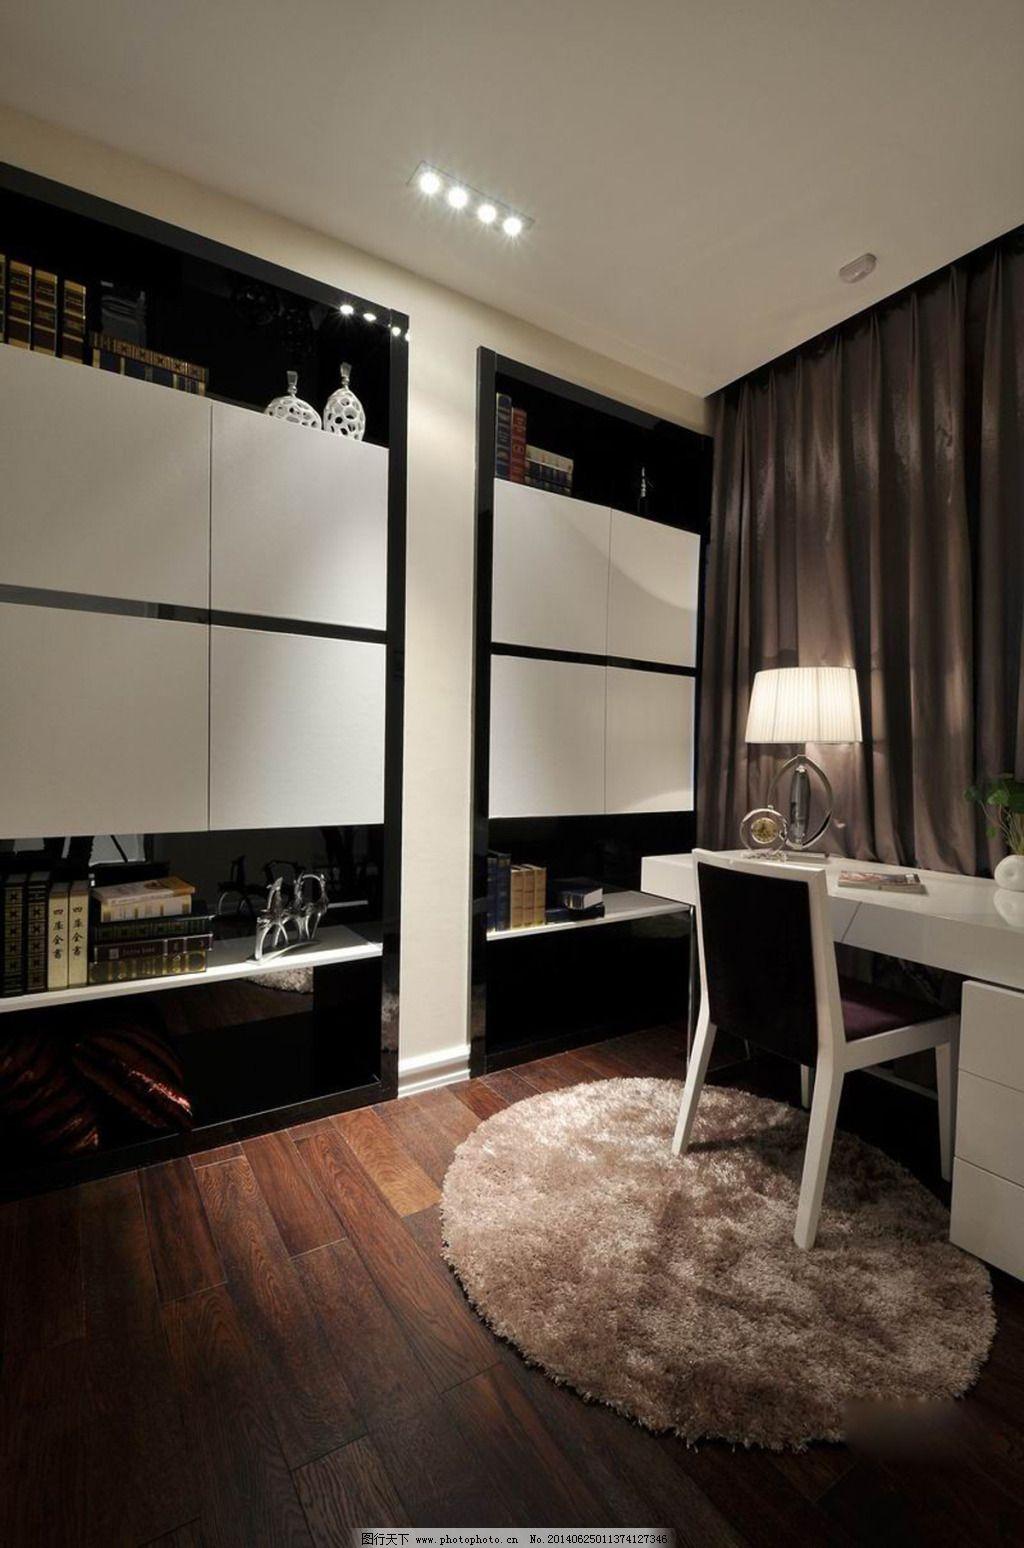 创意素材免费下载 创意 风格 家具 简约 创意 客厅设计素材 客厅模板图片